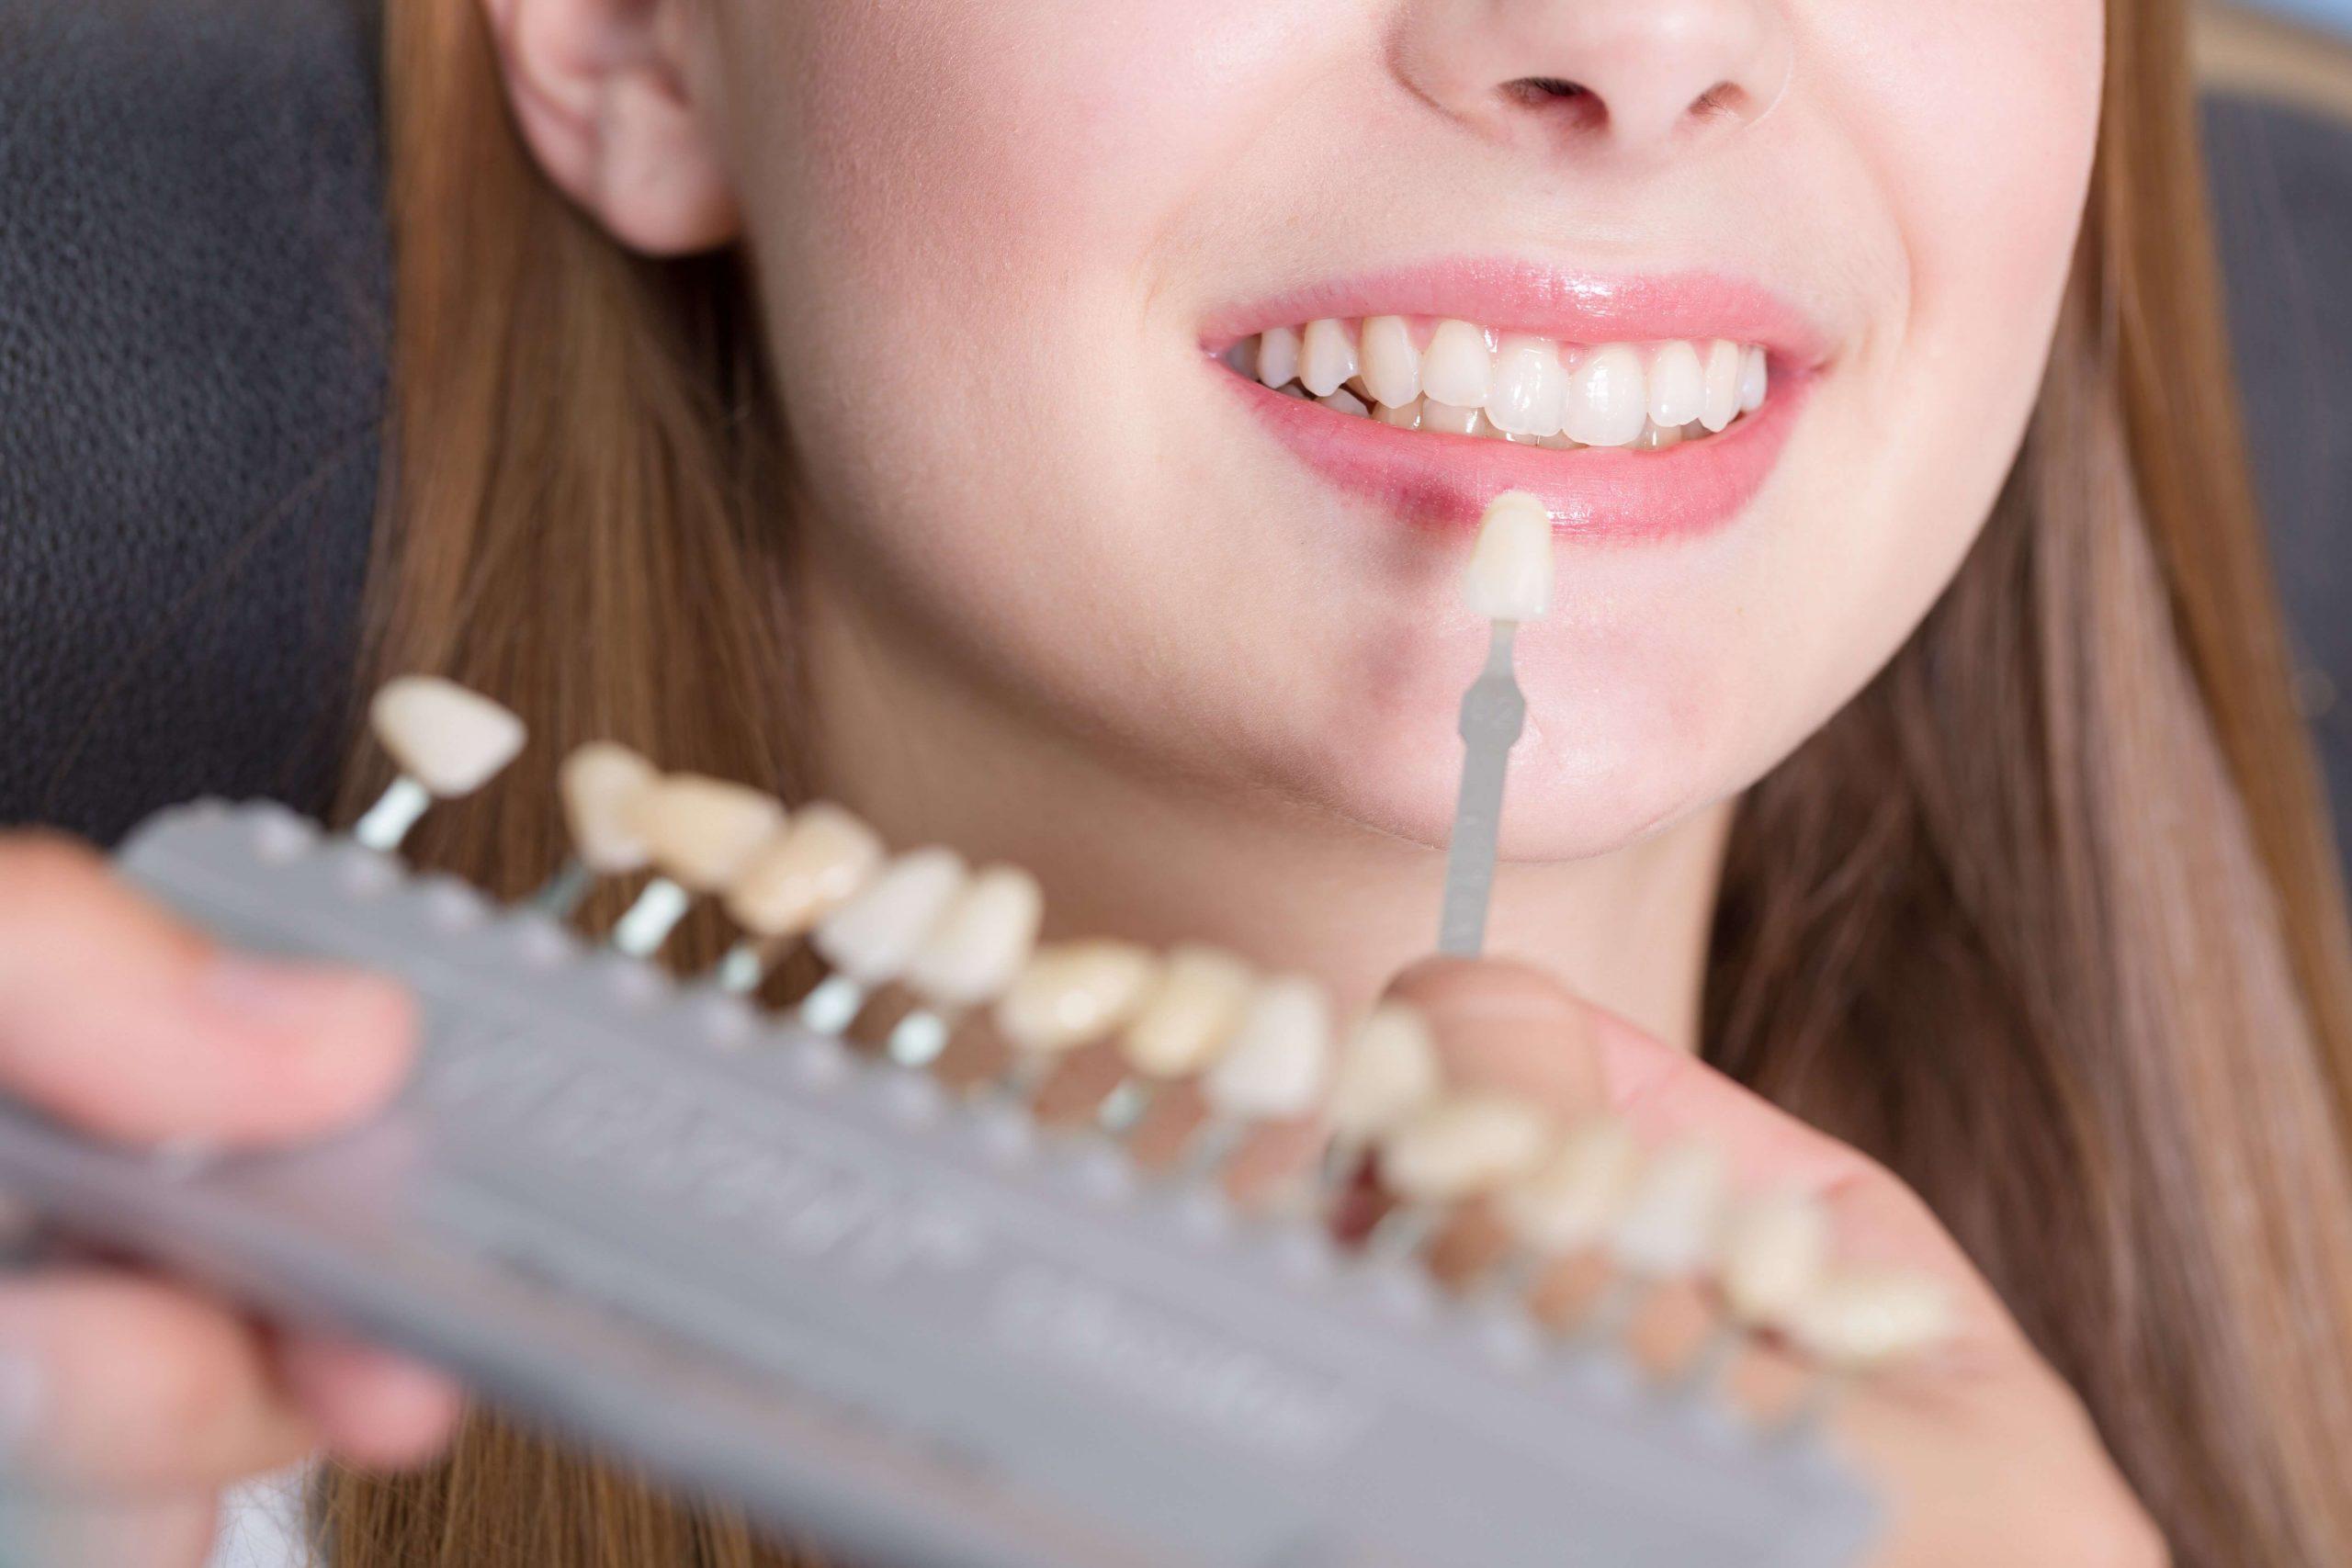 เคล็ดลับฟันขาว 2